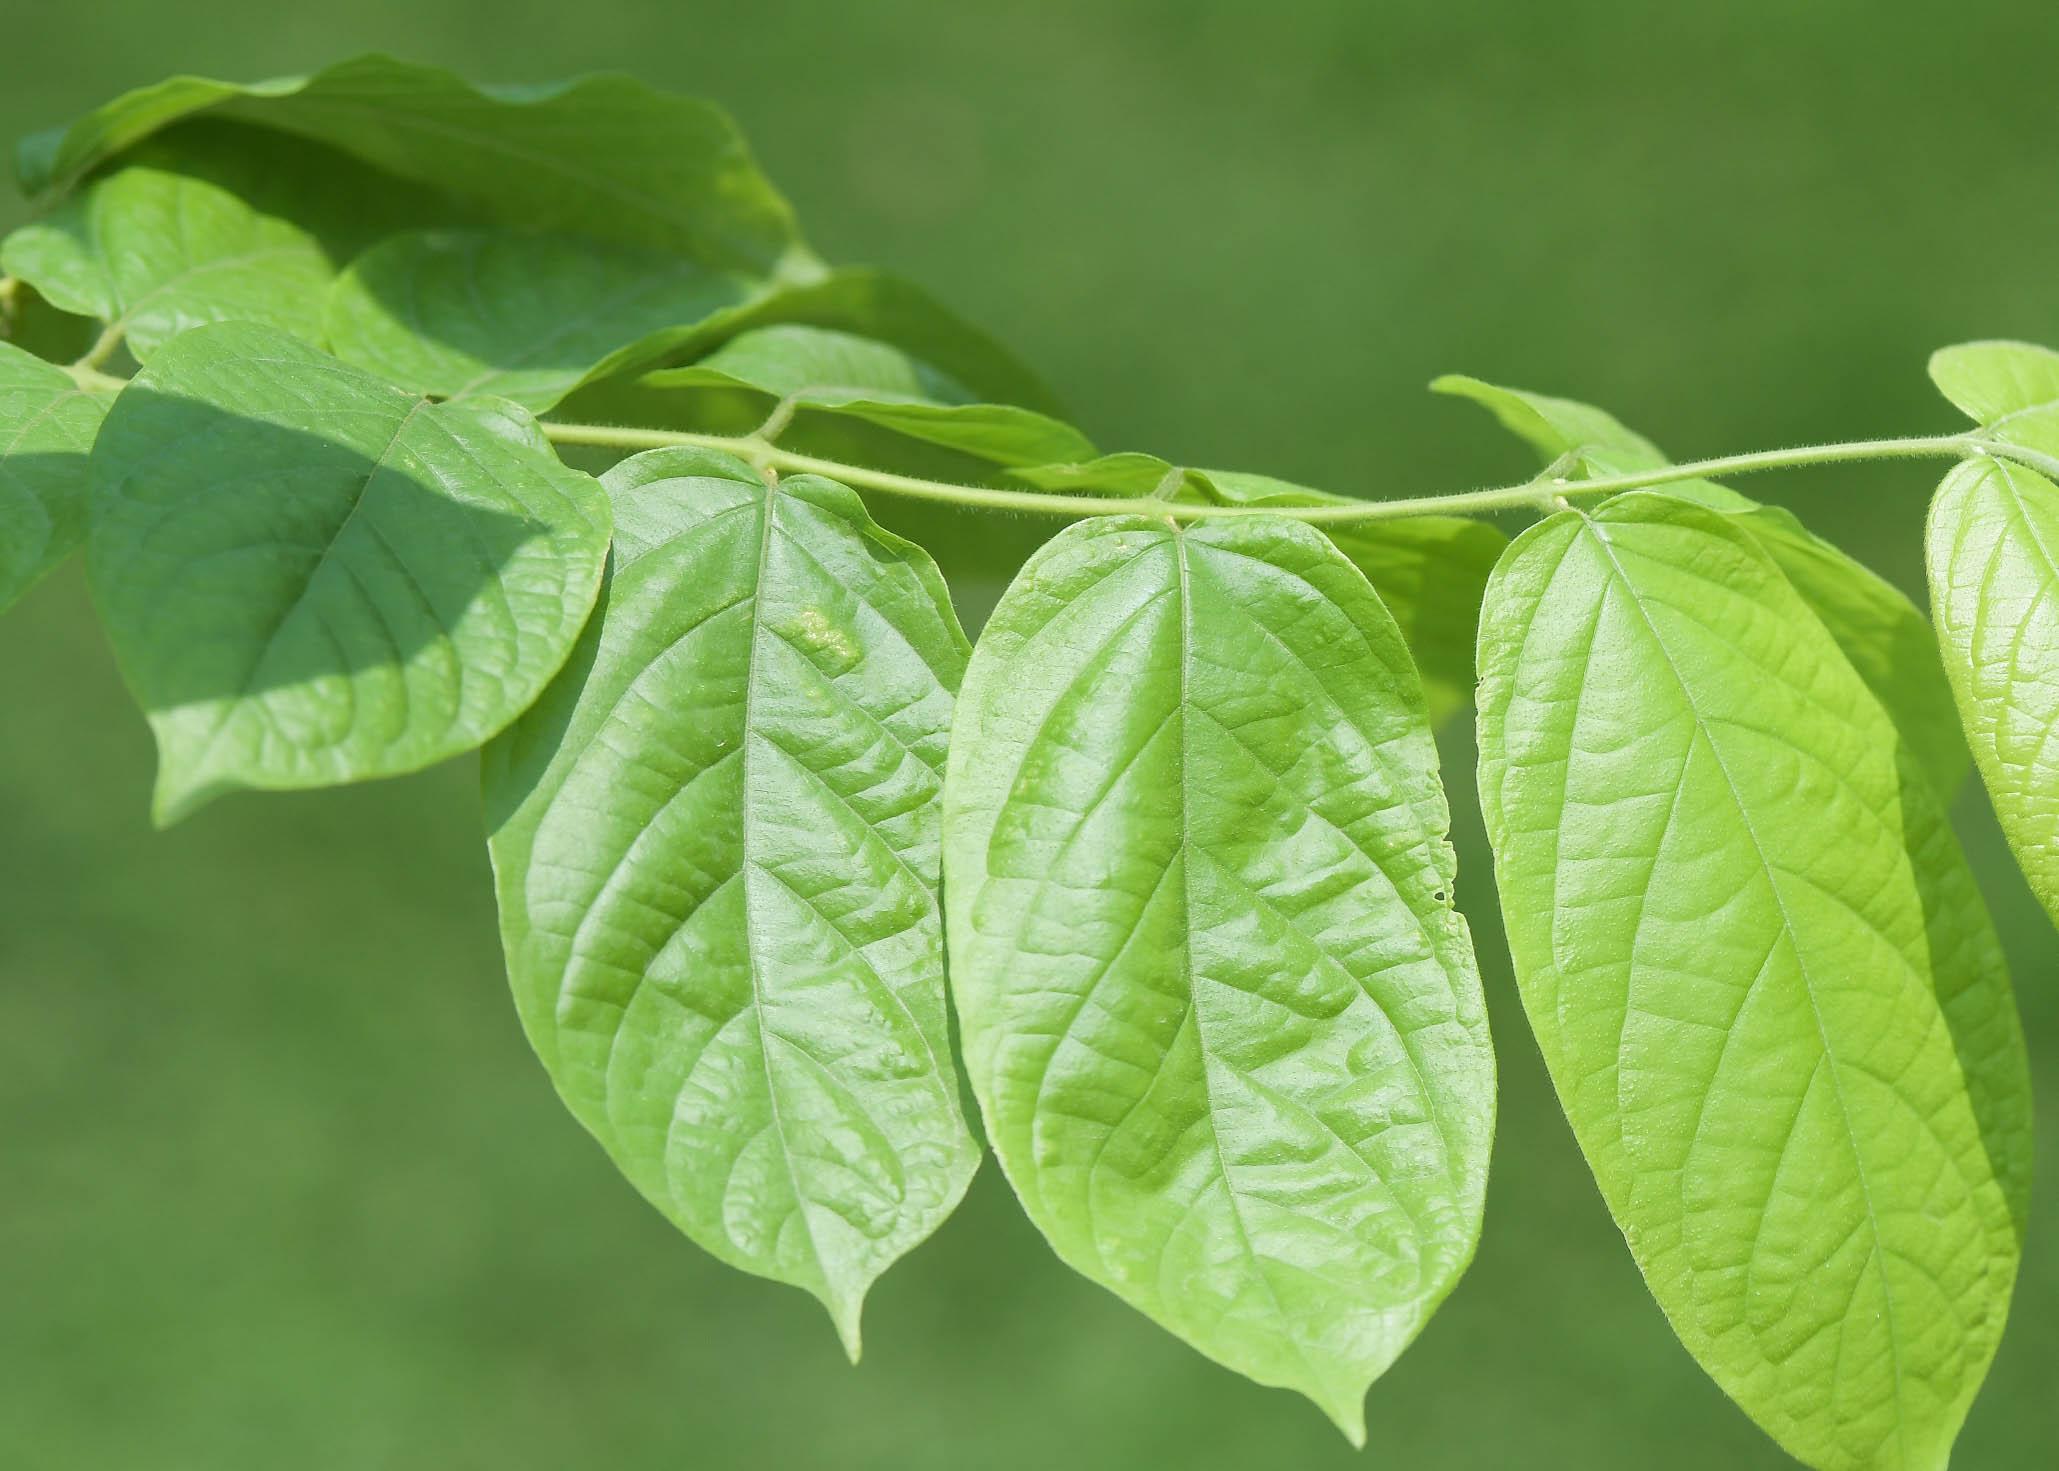 رانغون الزاحف نباتات خارجية النباتات المزهرة